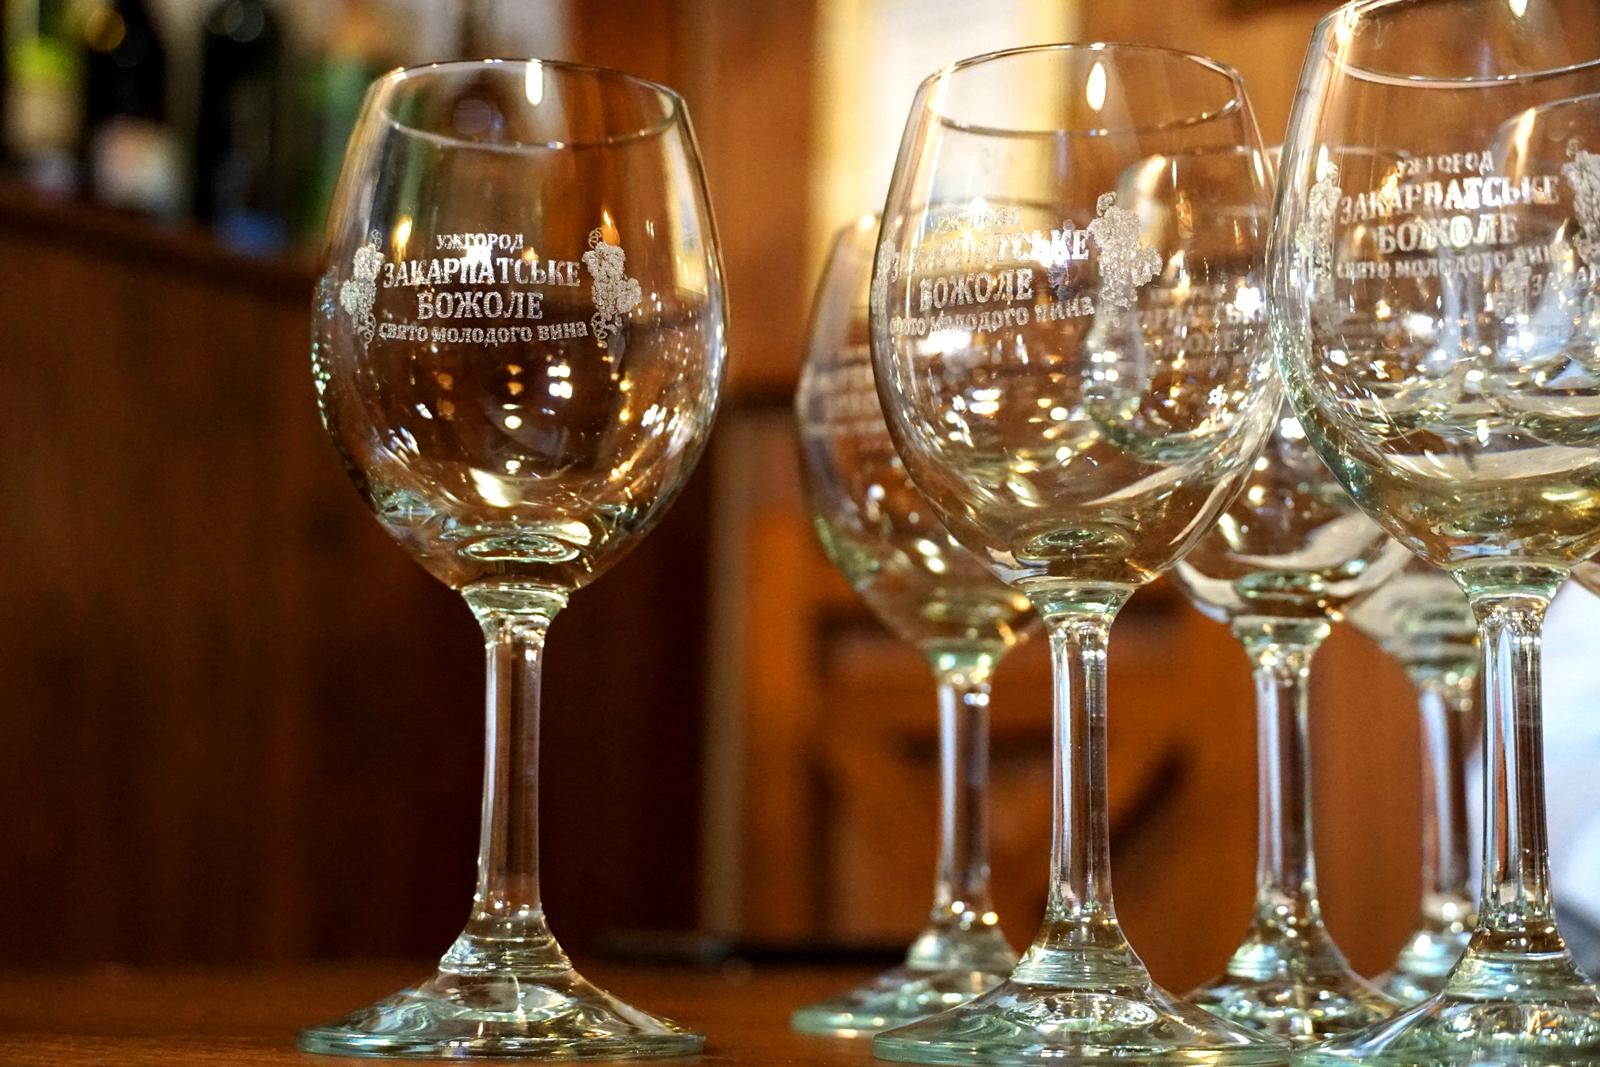 """Свято молодого вина в Ужгороді """"Закарпатське божоле"""" відбудеться у листопаді"""